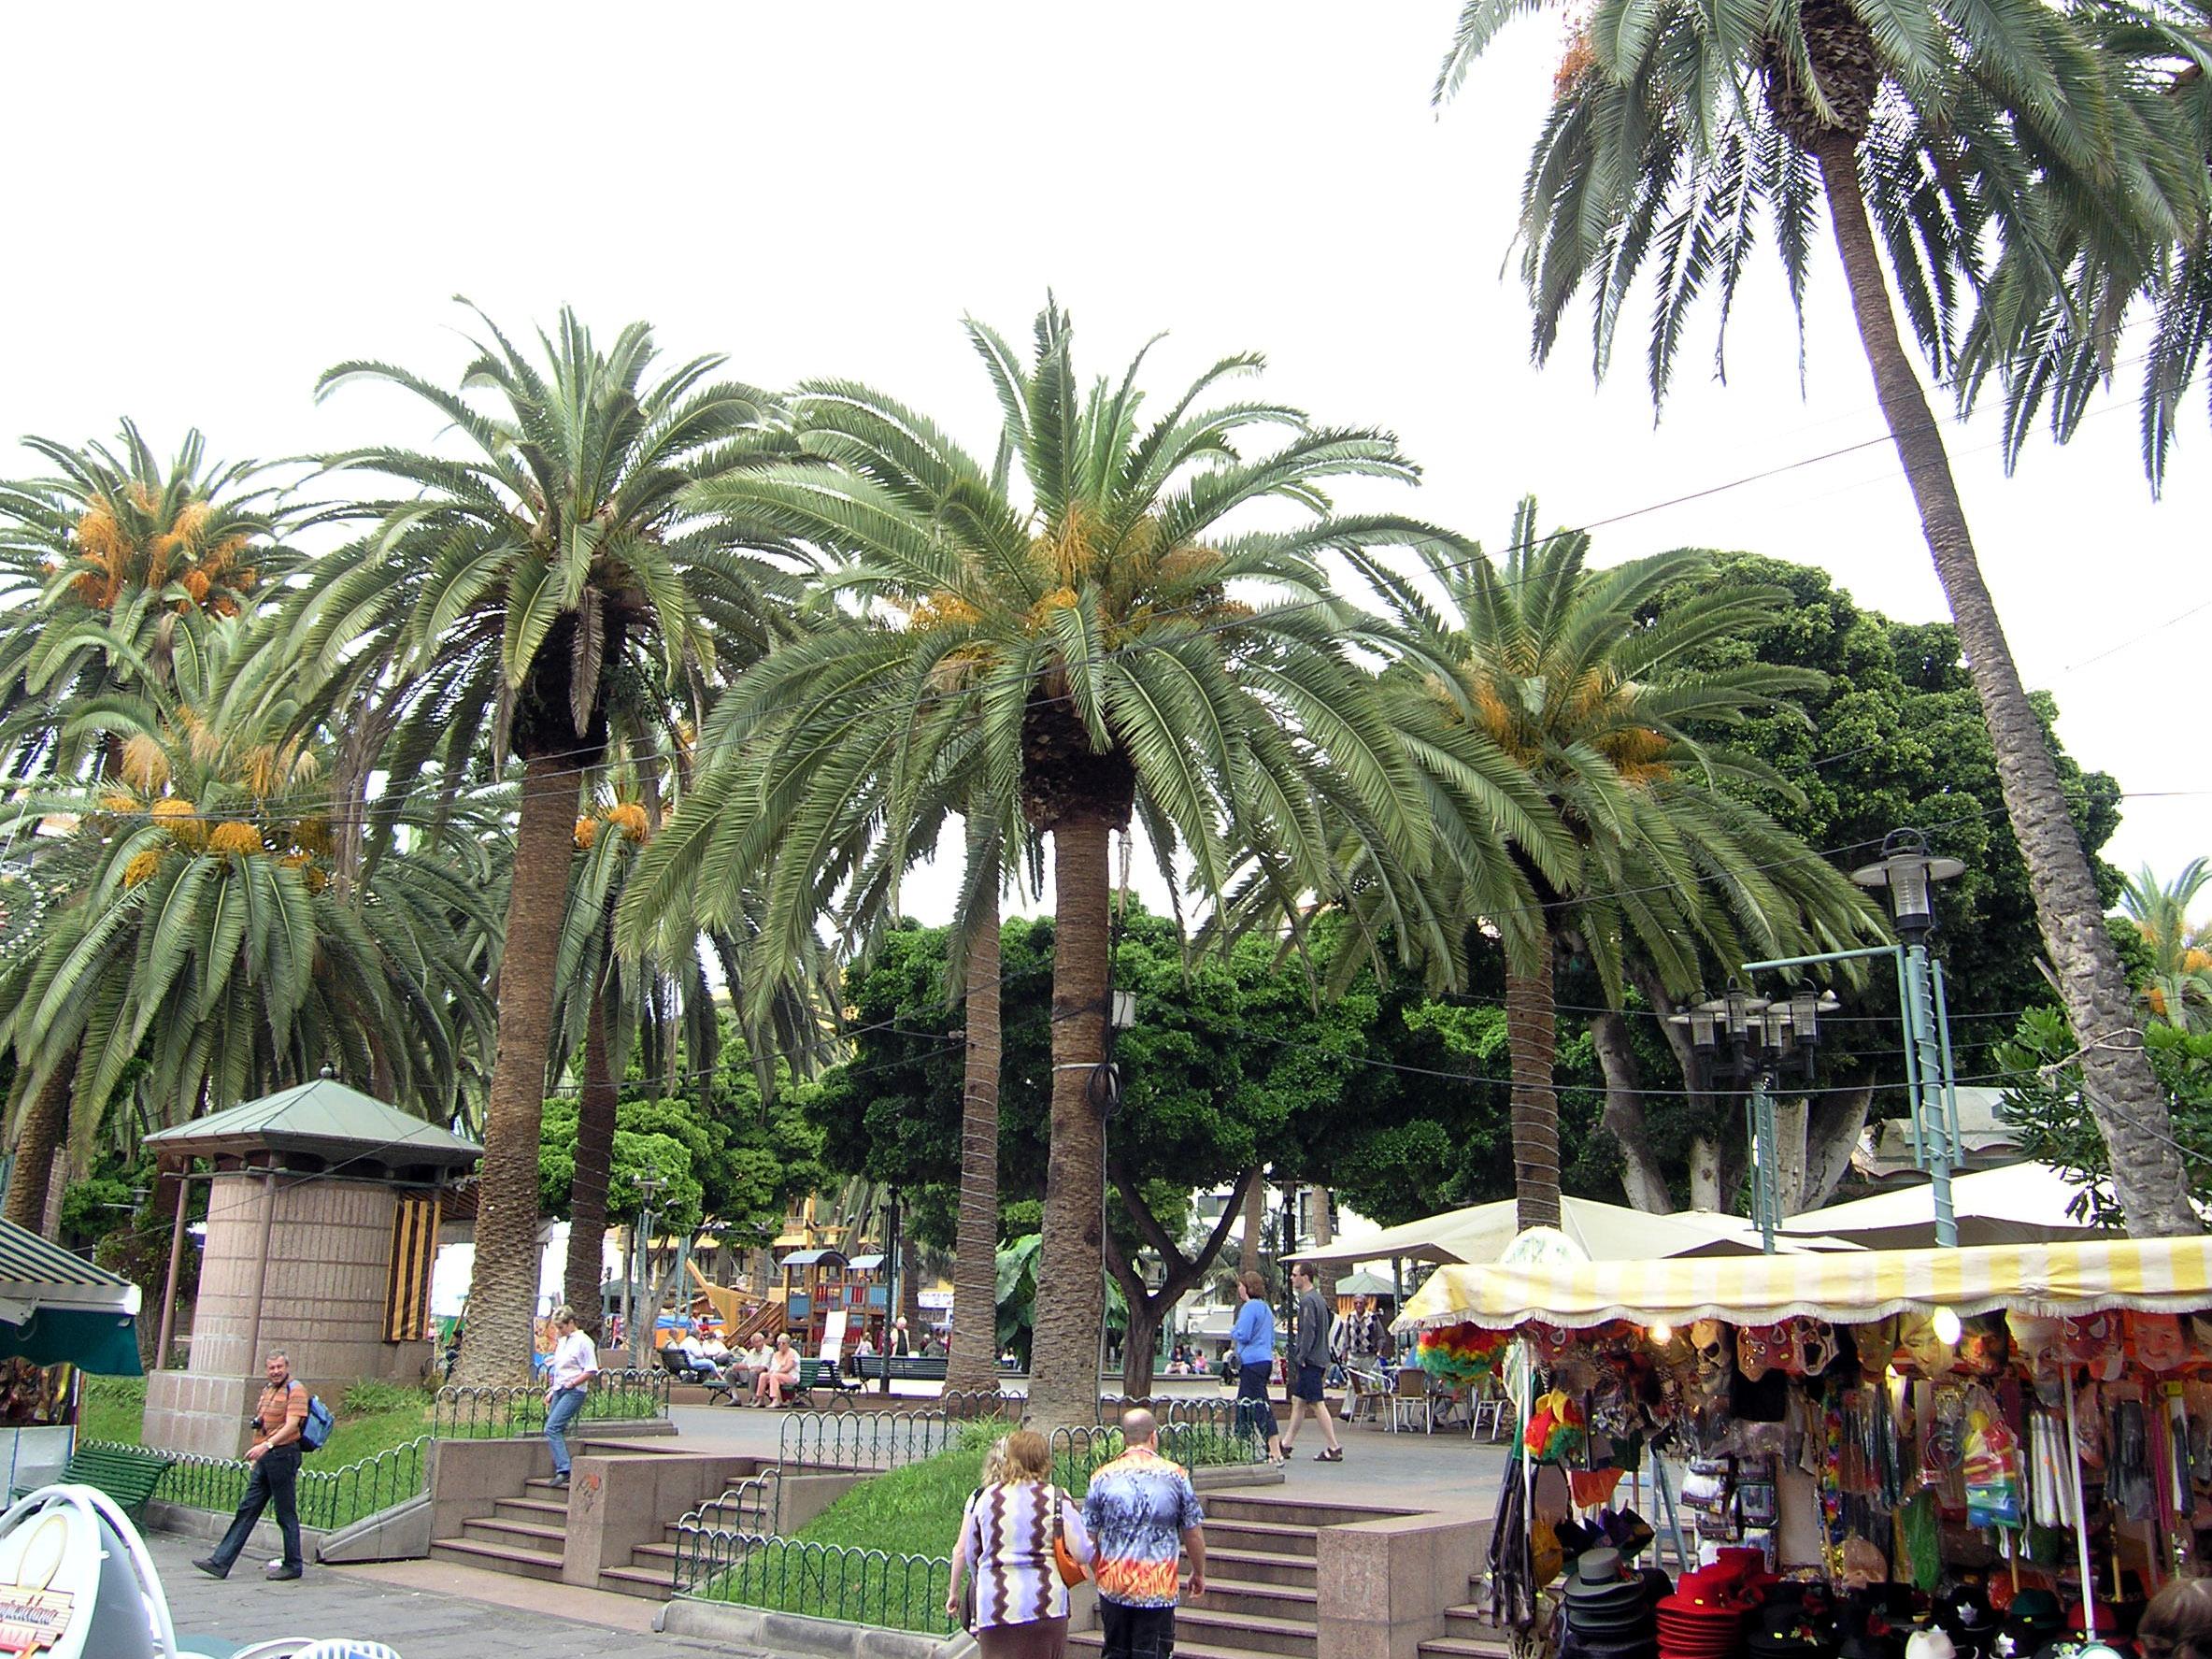 El casco urbano de Puerto de la Cruz alberga 553 empresas en 51 calles